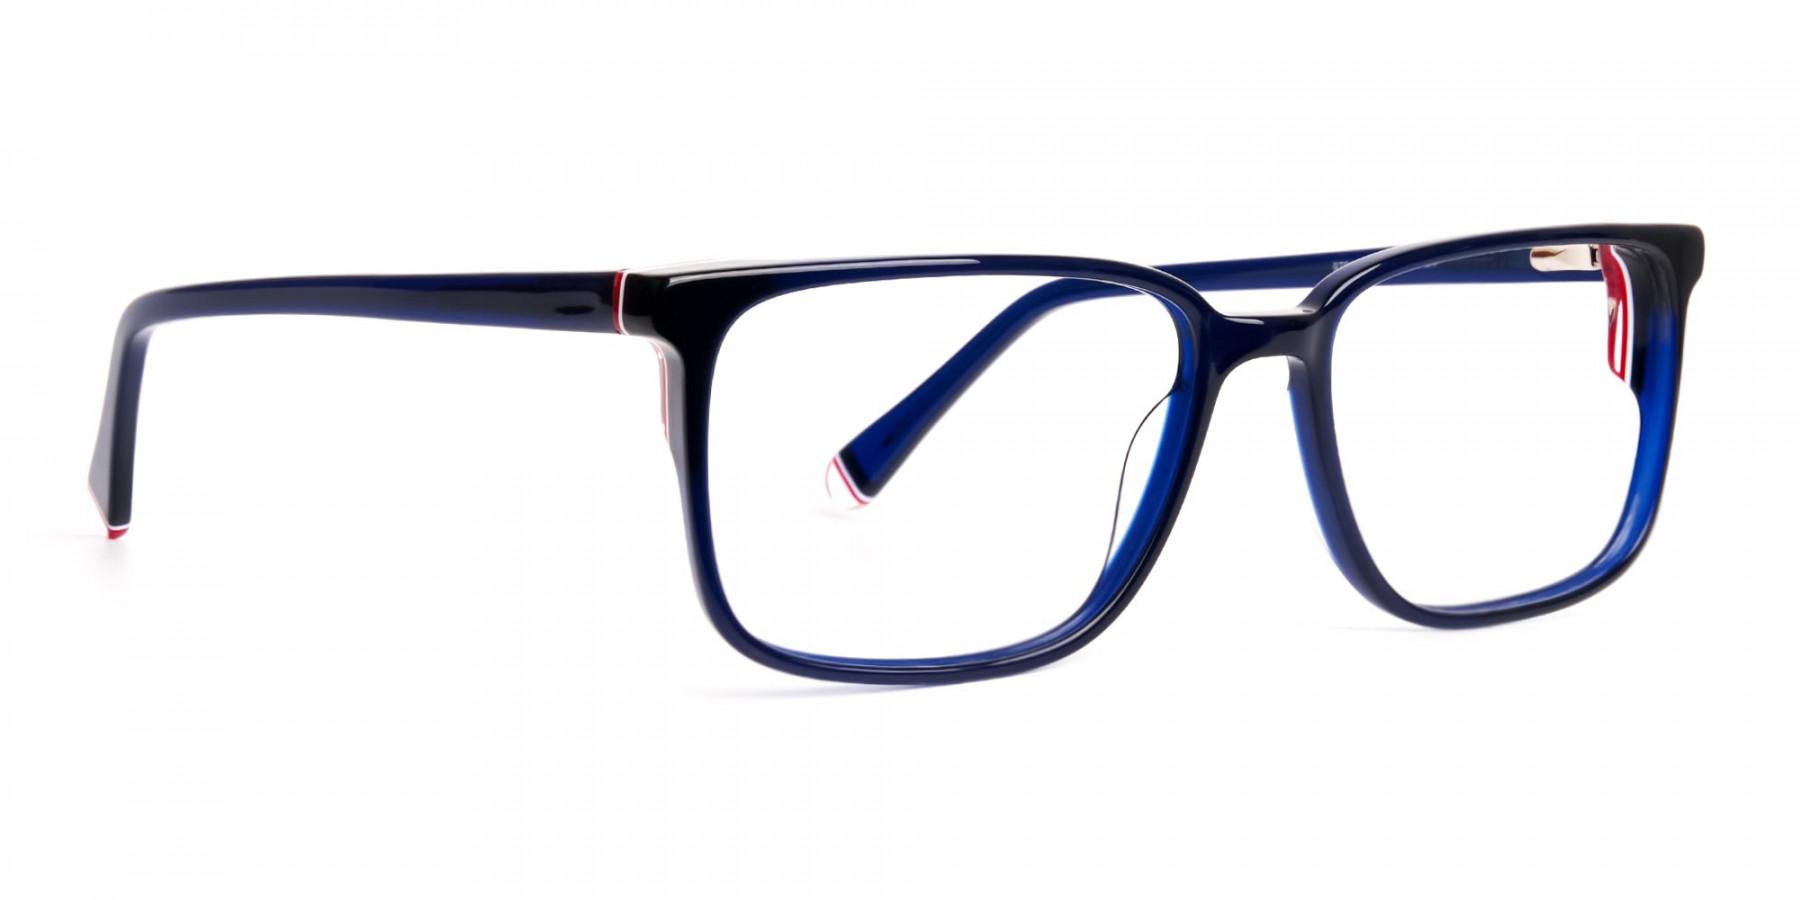 blue-thick-design-rectangular-glasses-frames-1